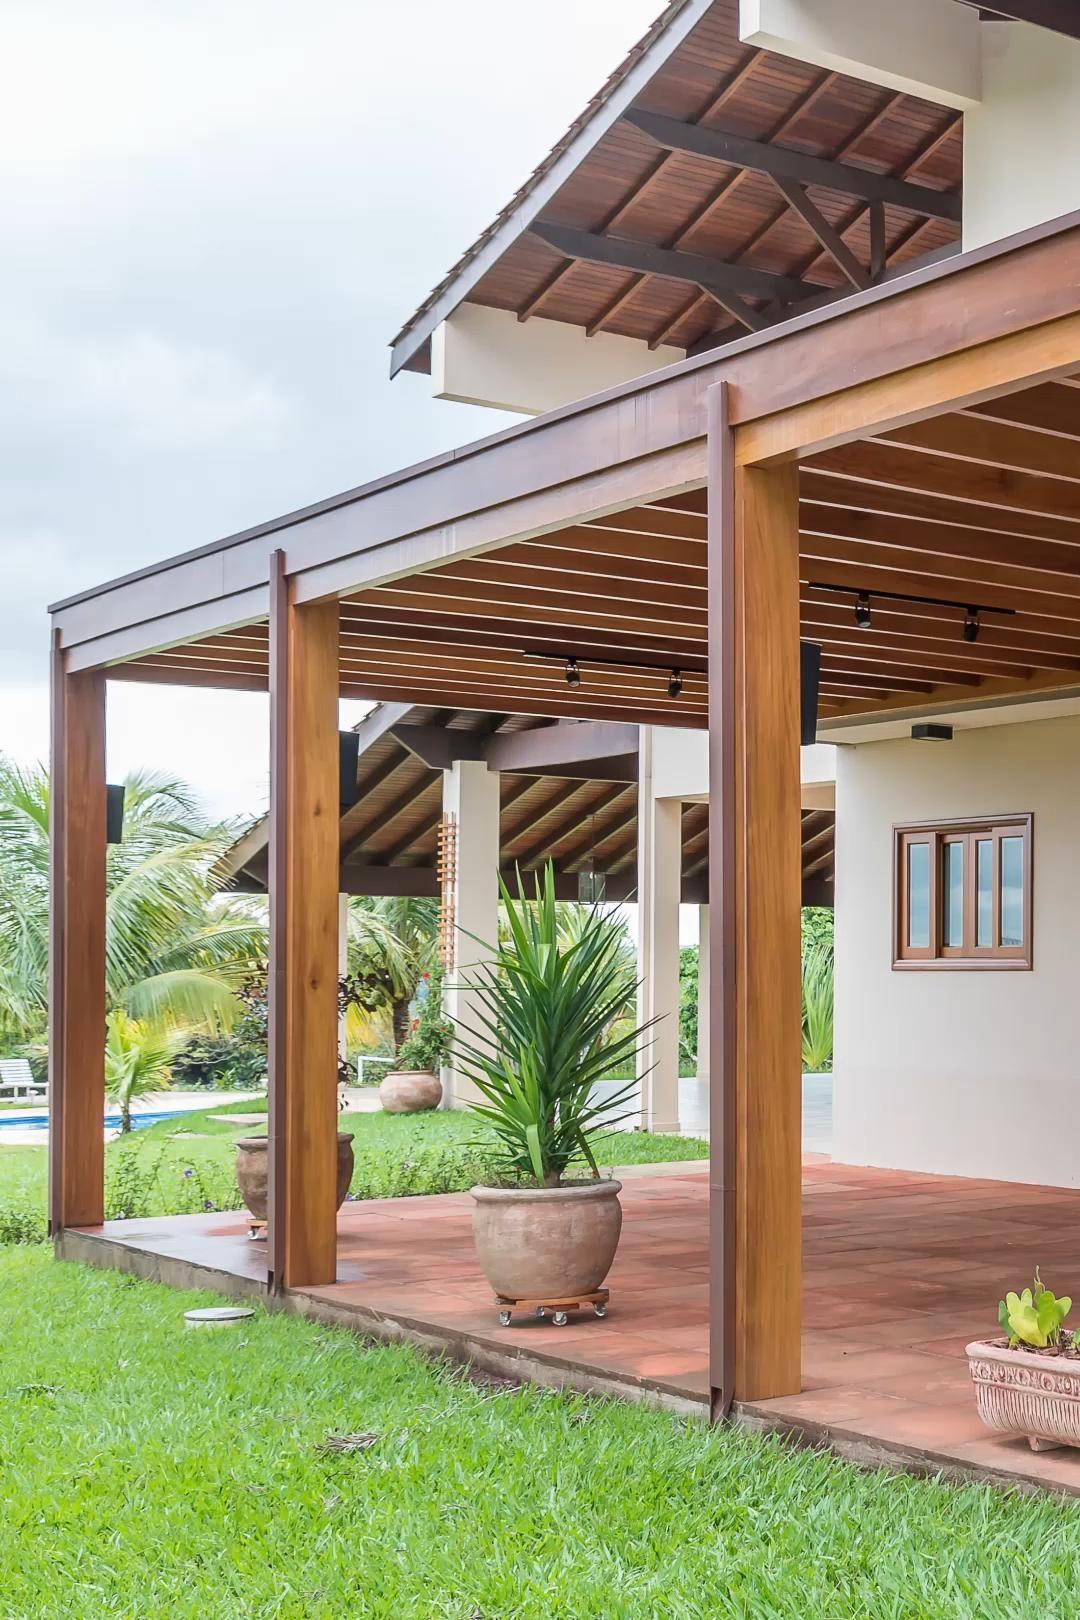 Photo of Uma varanda imponete. Pergolado de madeira com forro de palha natural.